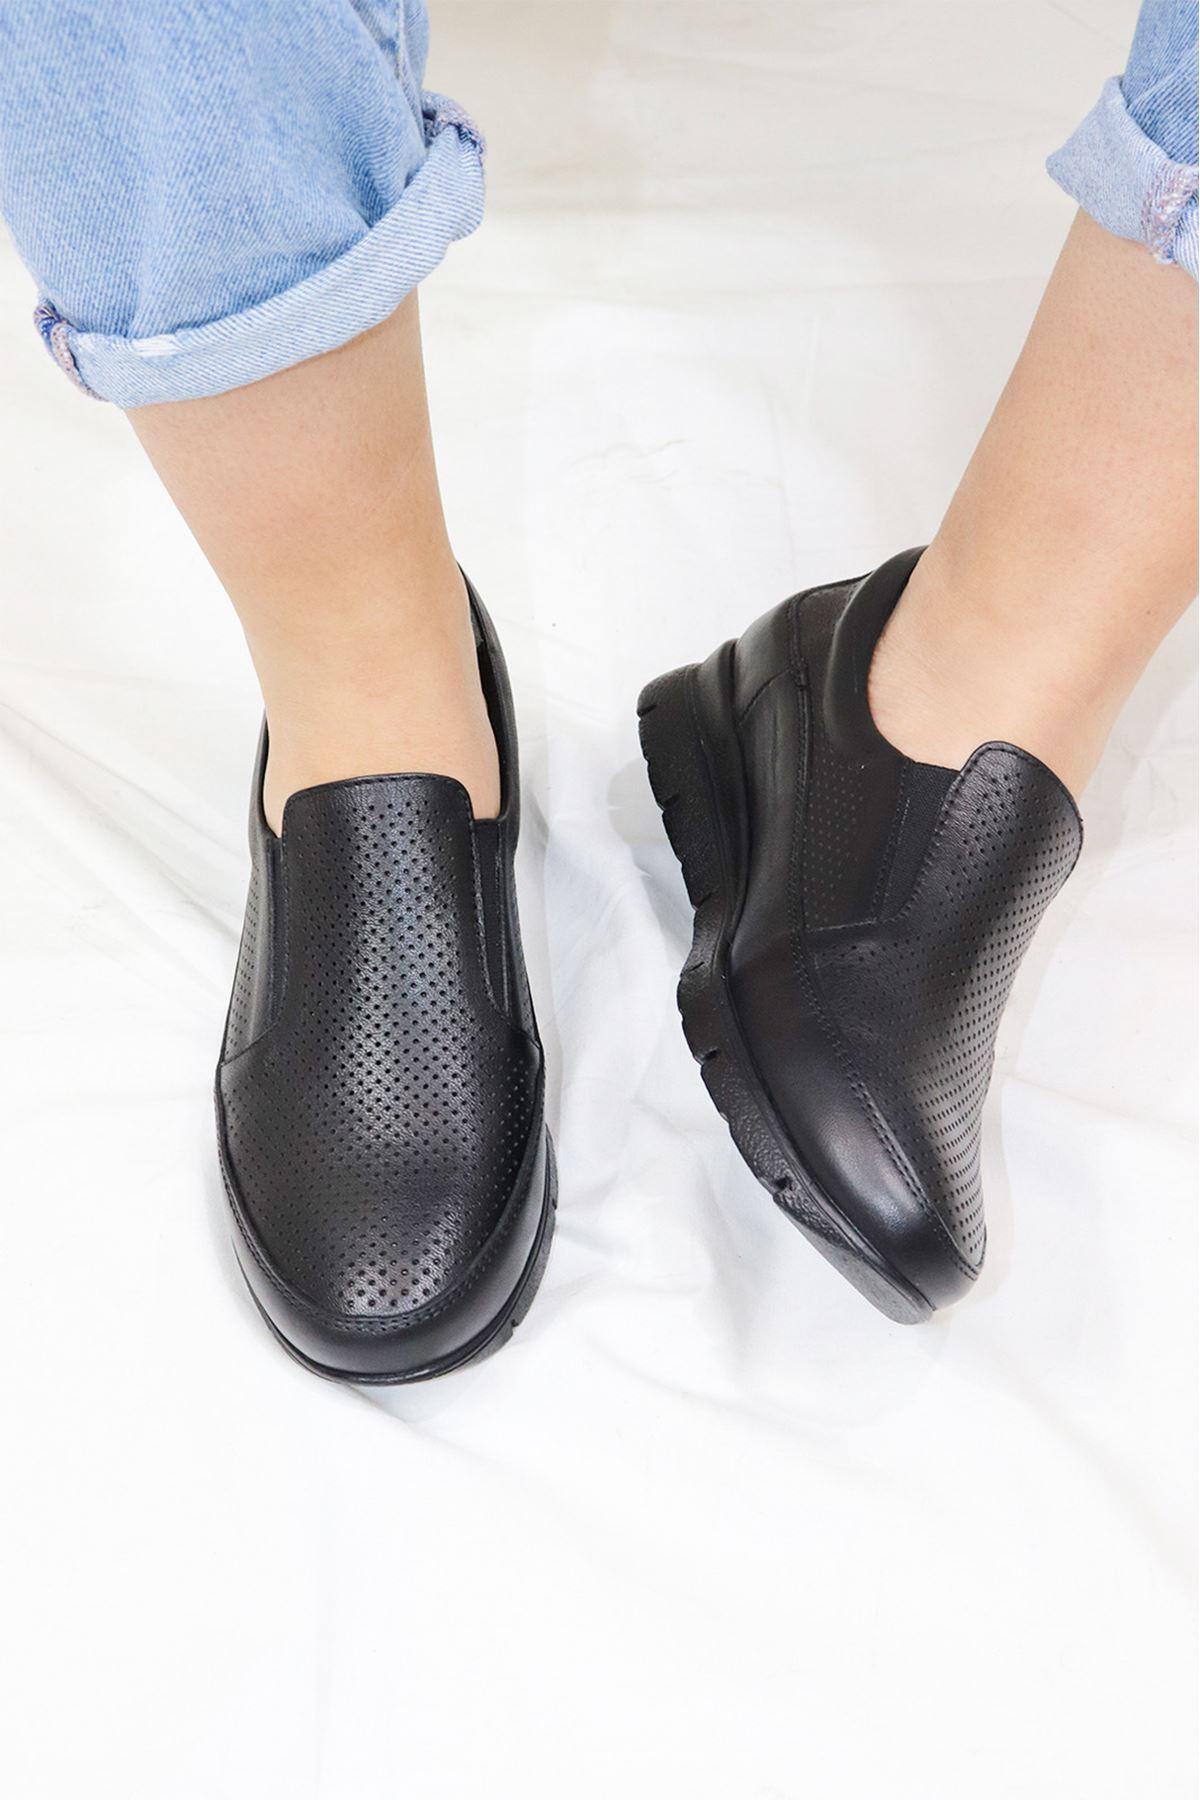 Mammamia - D21YA - 3110-B Siyah Kadın Ayakkabısı